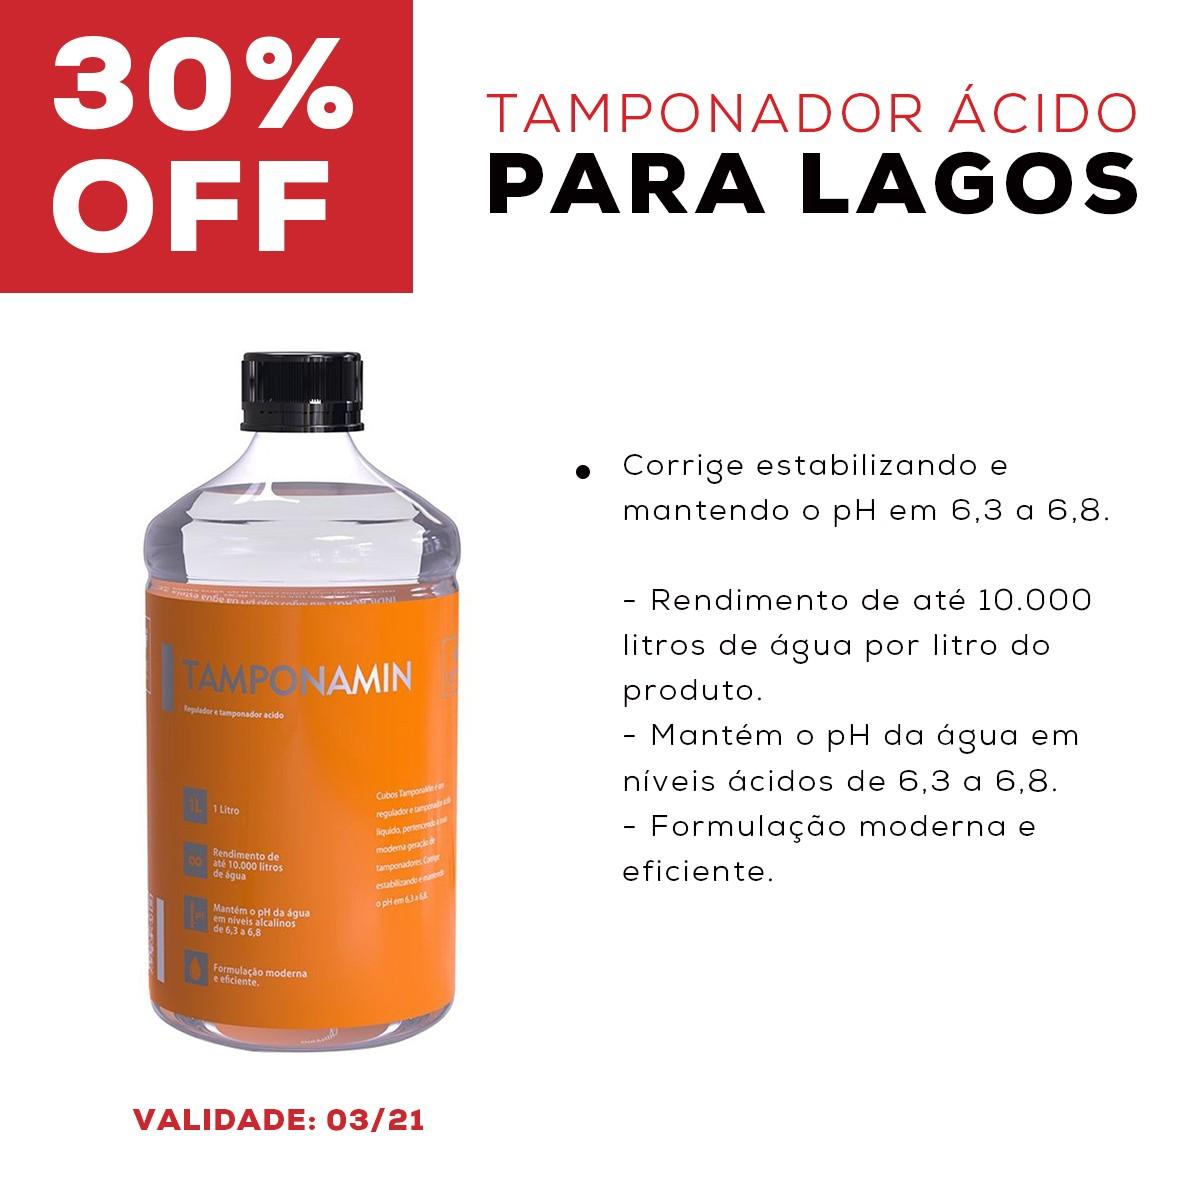 Tamponador Ácido para Lagos CUBOS WATER TAMPONAMIN - 1 LITRO